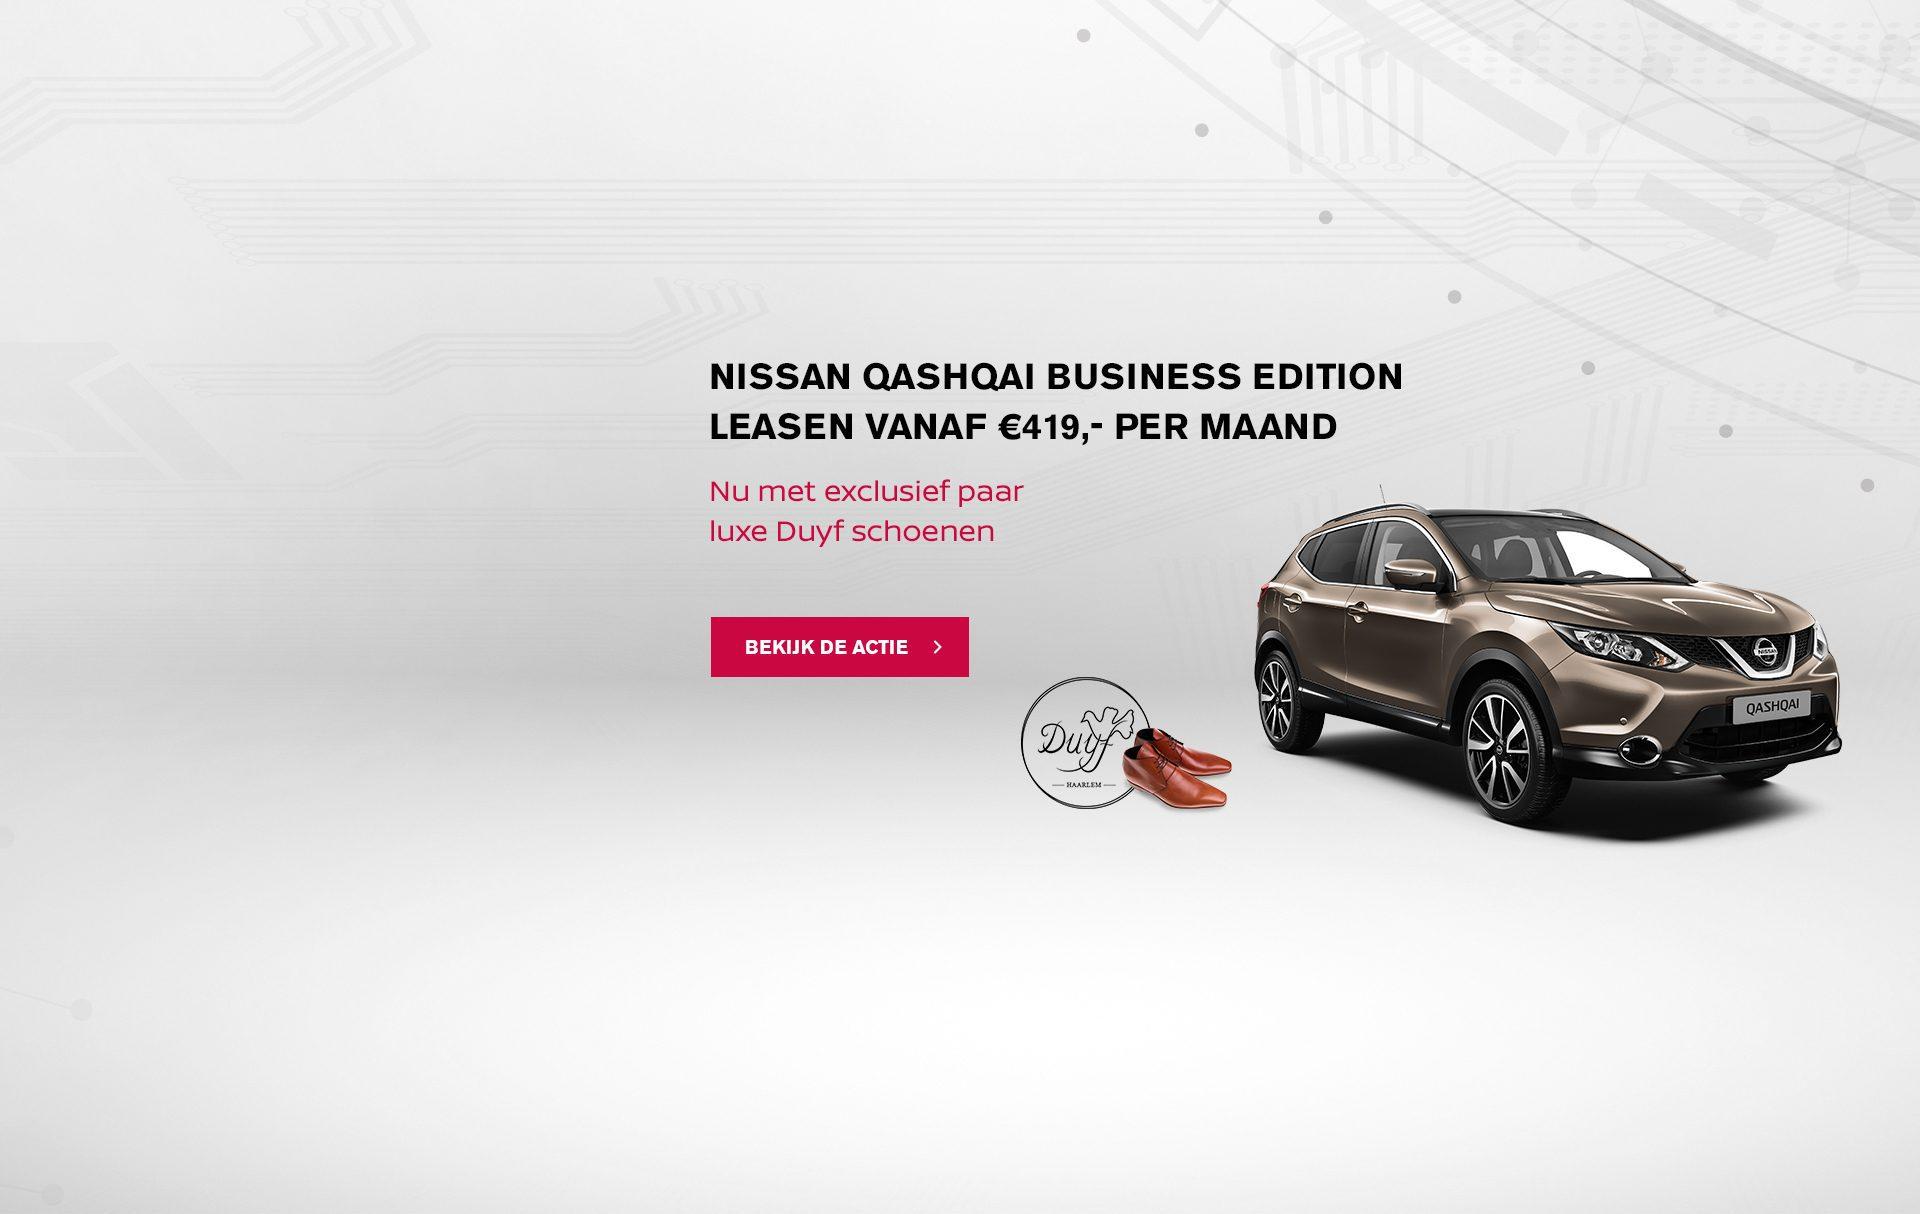 Vkv Nissan De Dealer Met De Beste Acties Services En De